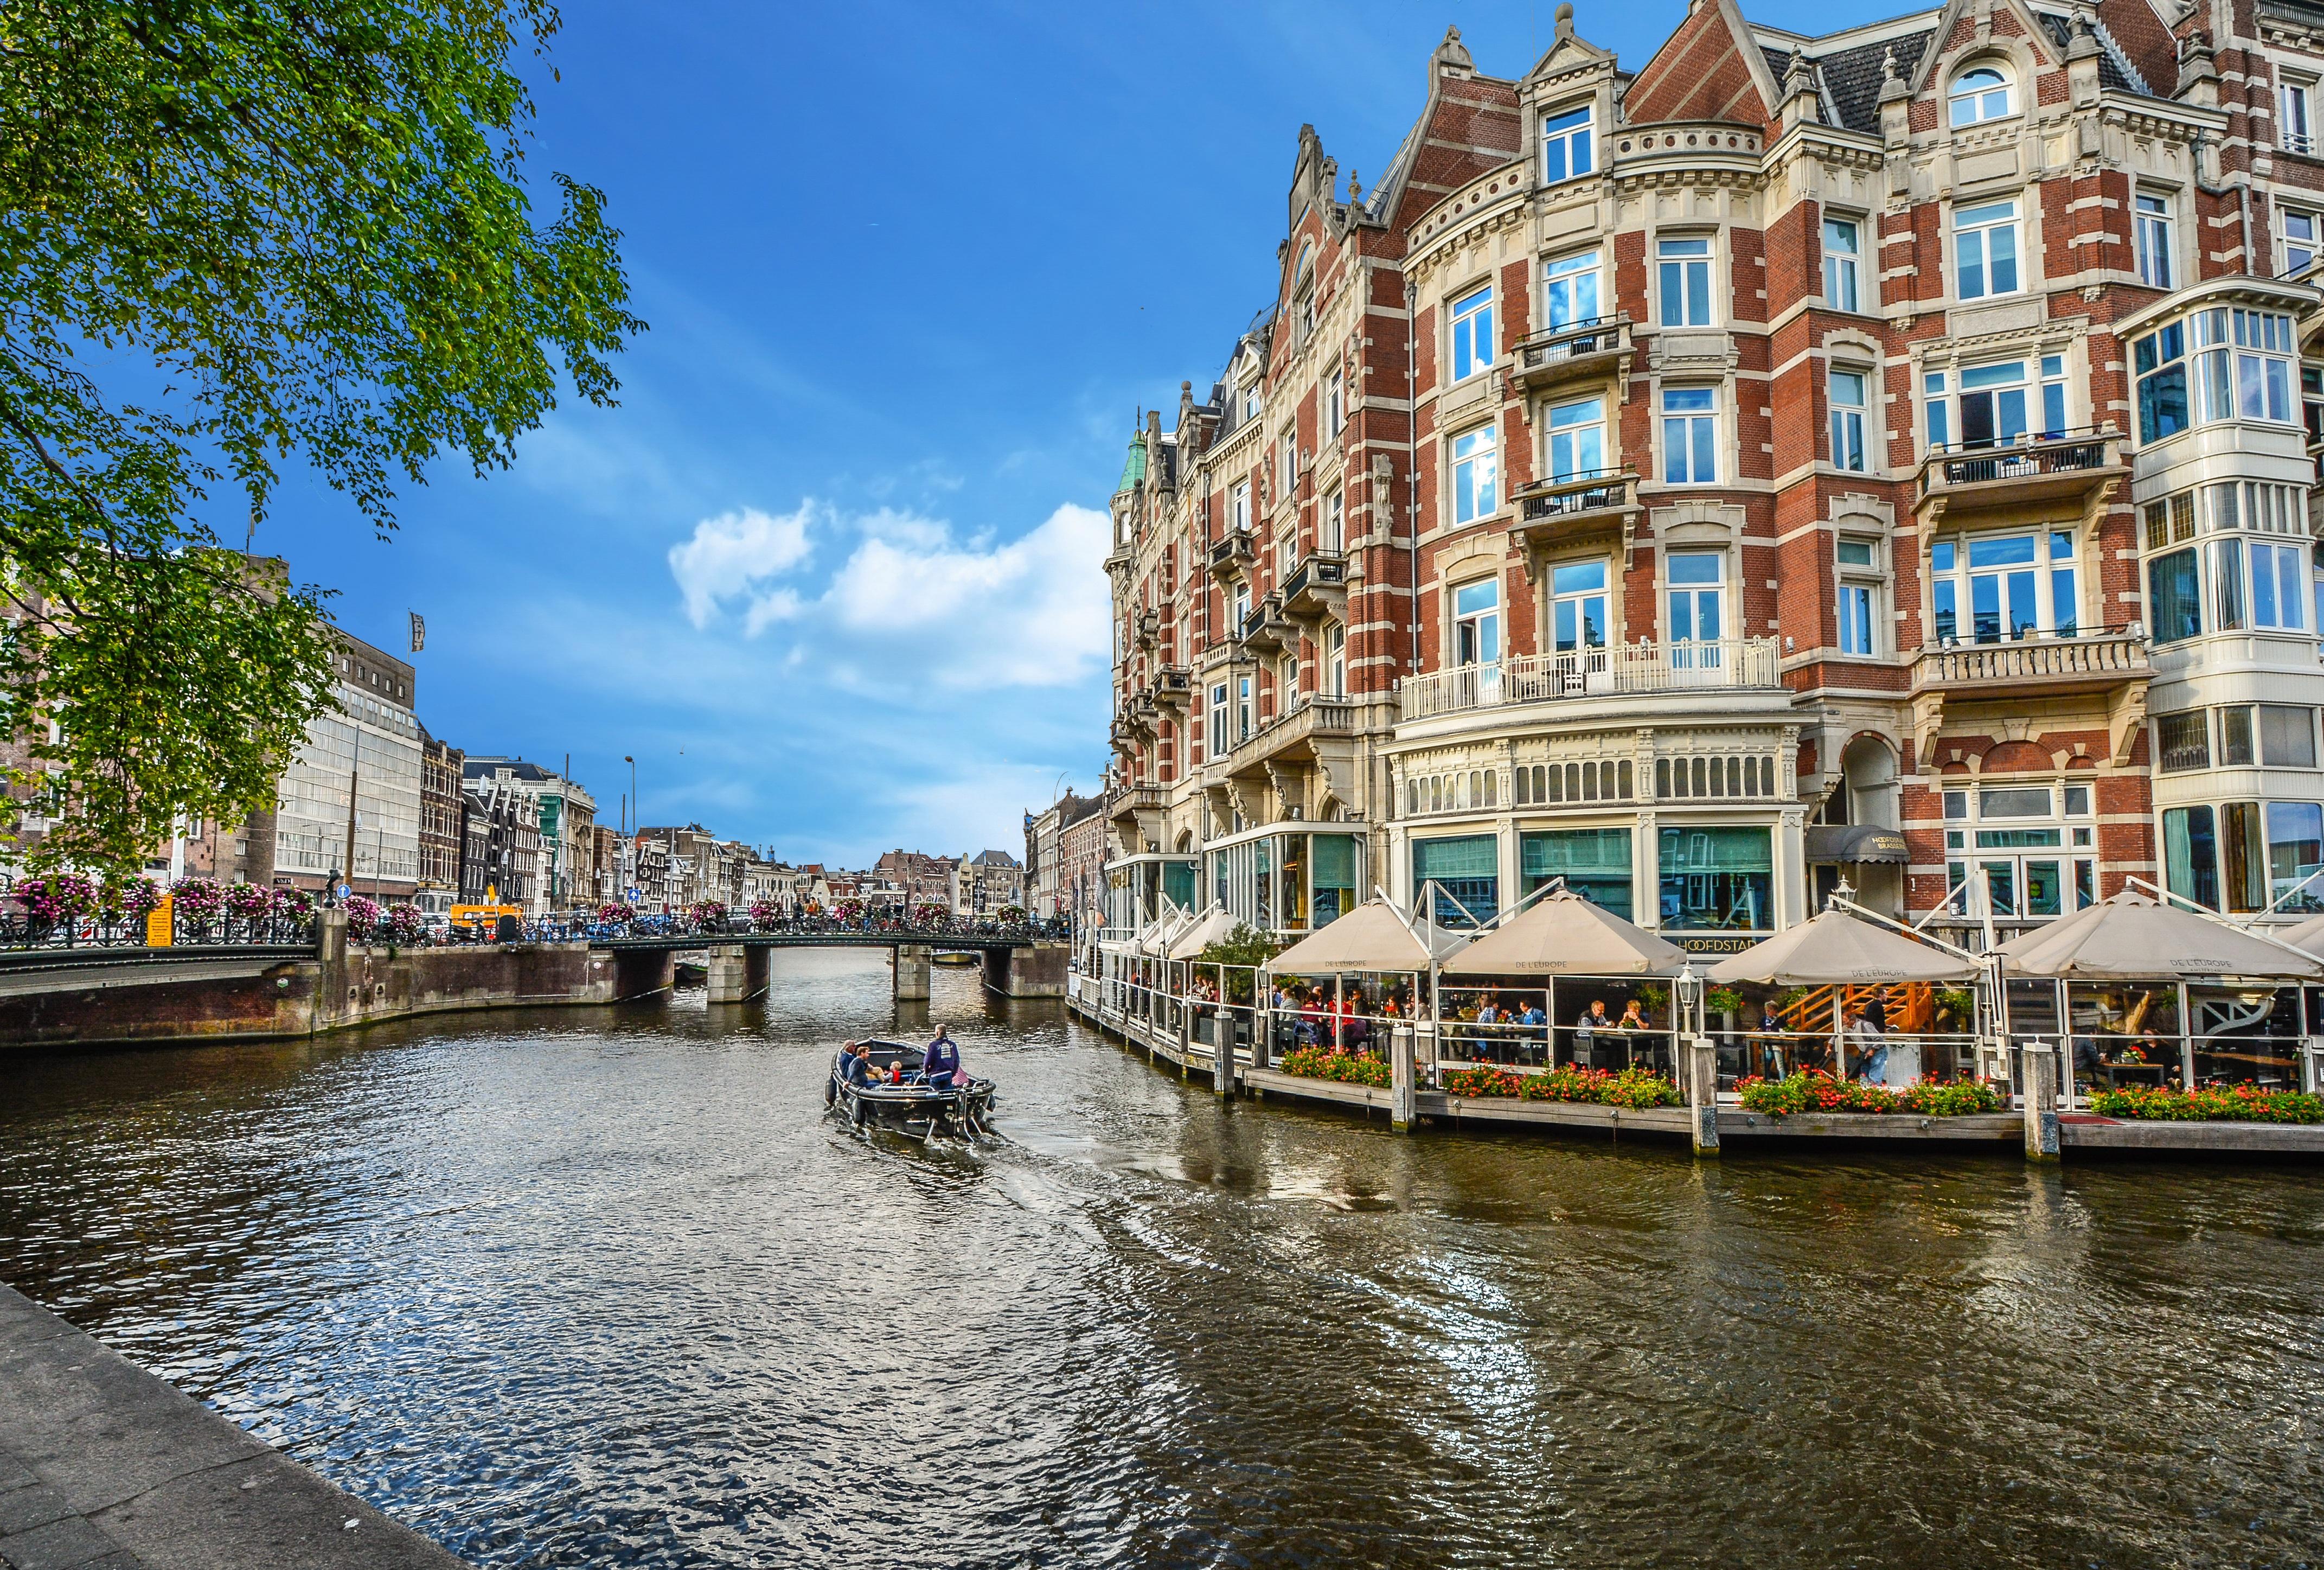 Bilder Hotel Schiphol Amsterdam